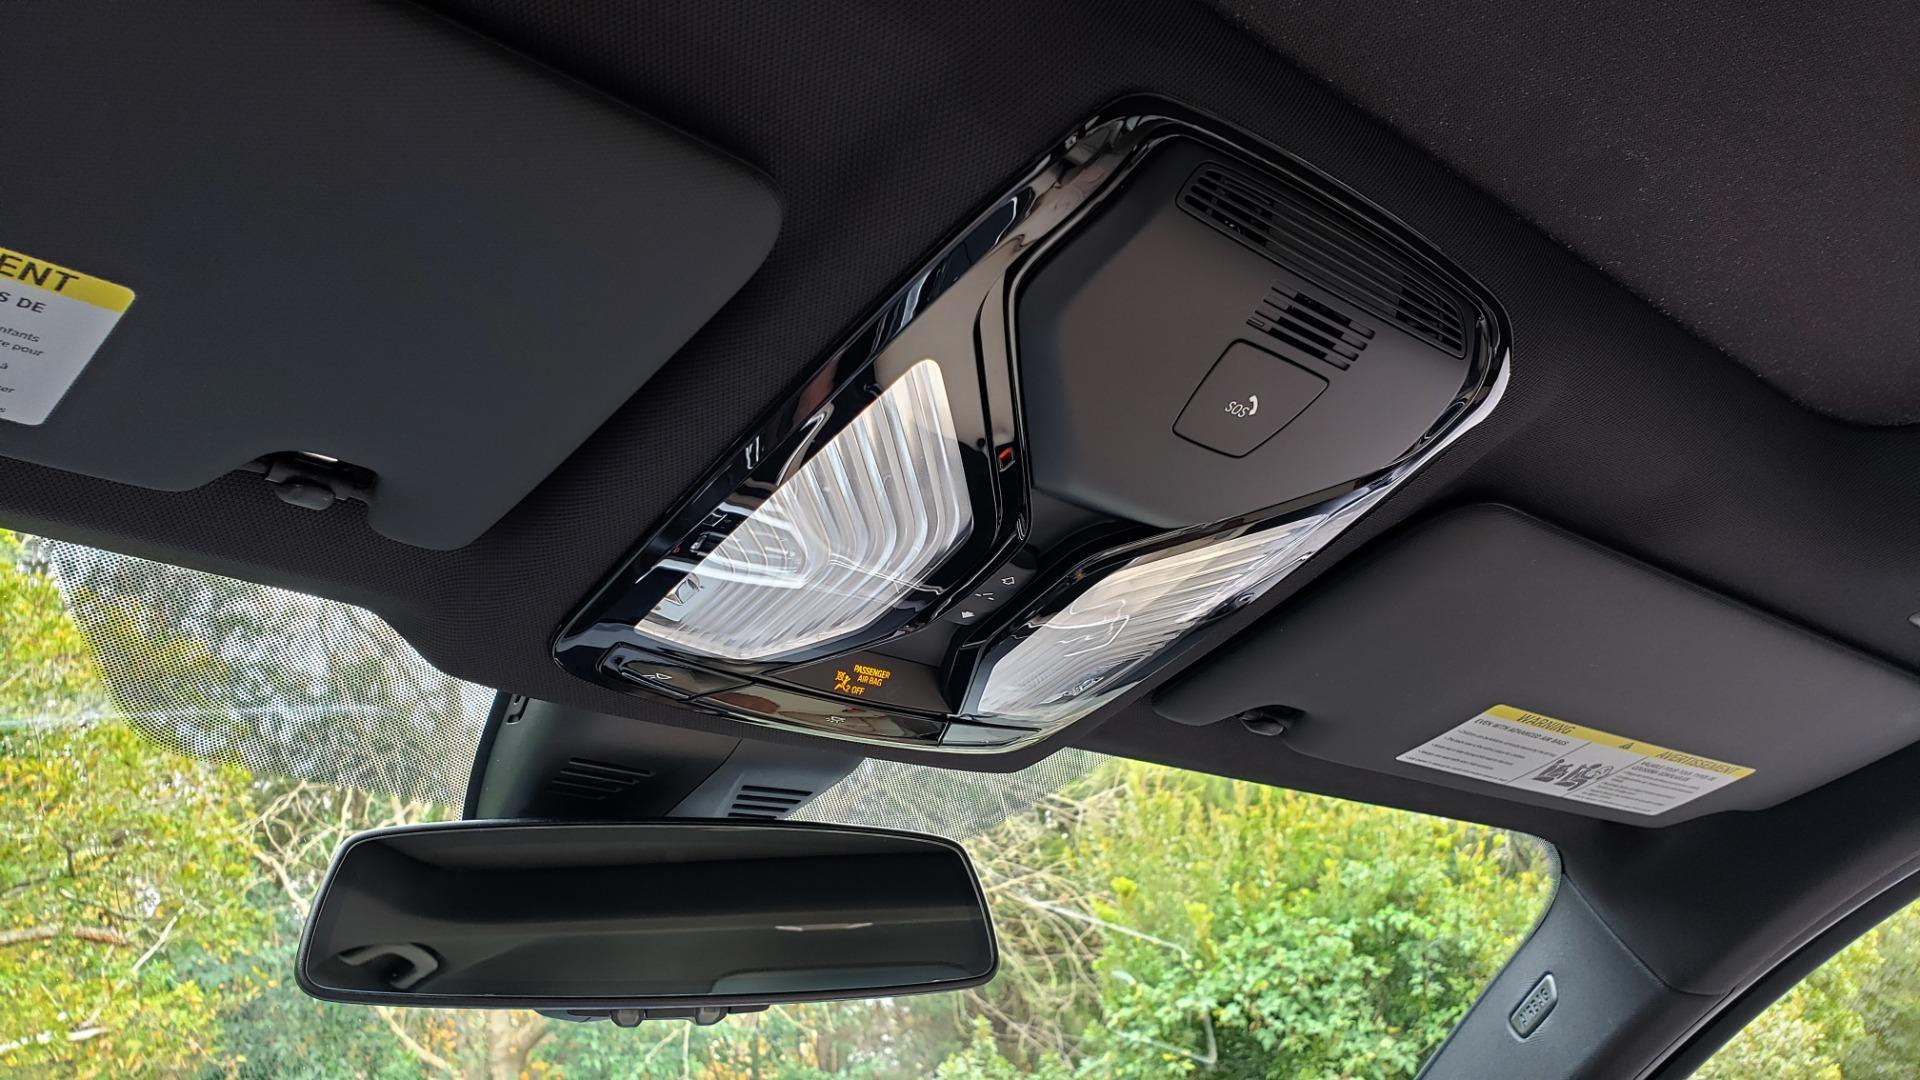 Used 2019 BMW 3 SERIES 330I PREM PKG / NAV / CONV PKG / H&K SND / LIVE COCKPIT PRO for sale Sold at Formula Imports in Charlotte NC 28227 57